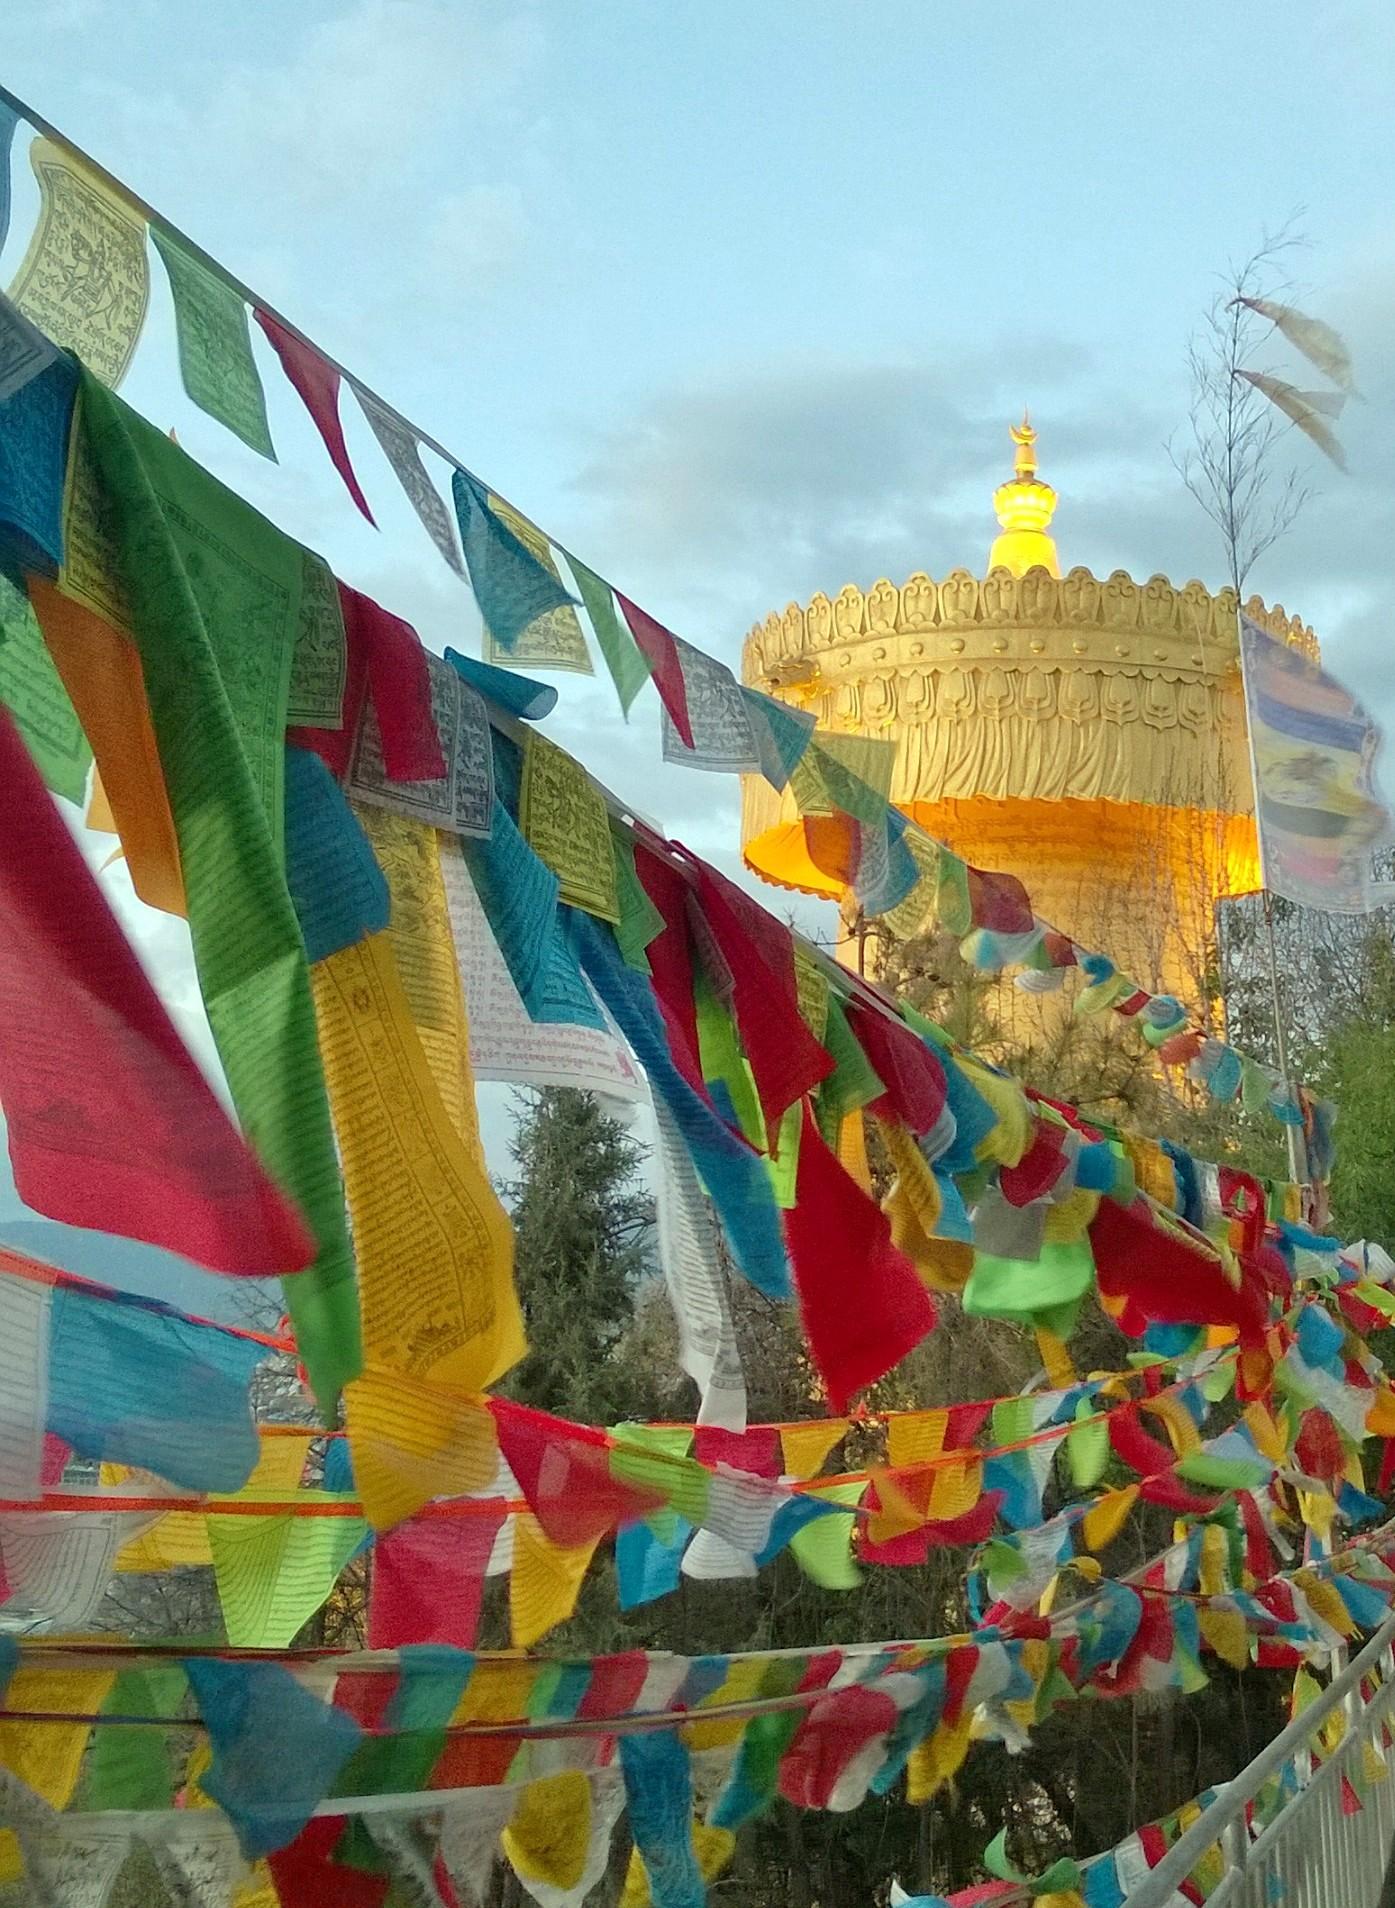 prayer flags outside prayer wheel